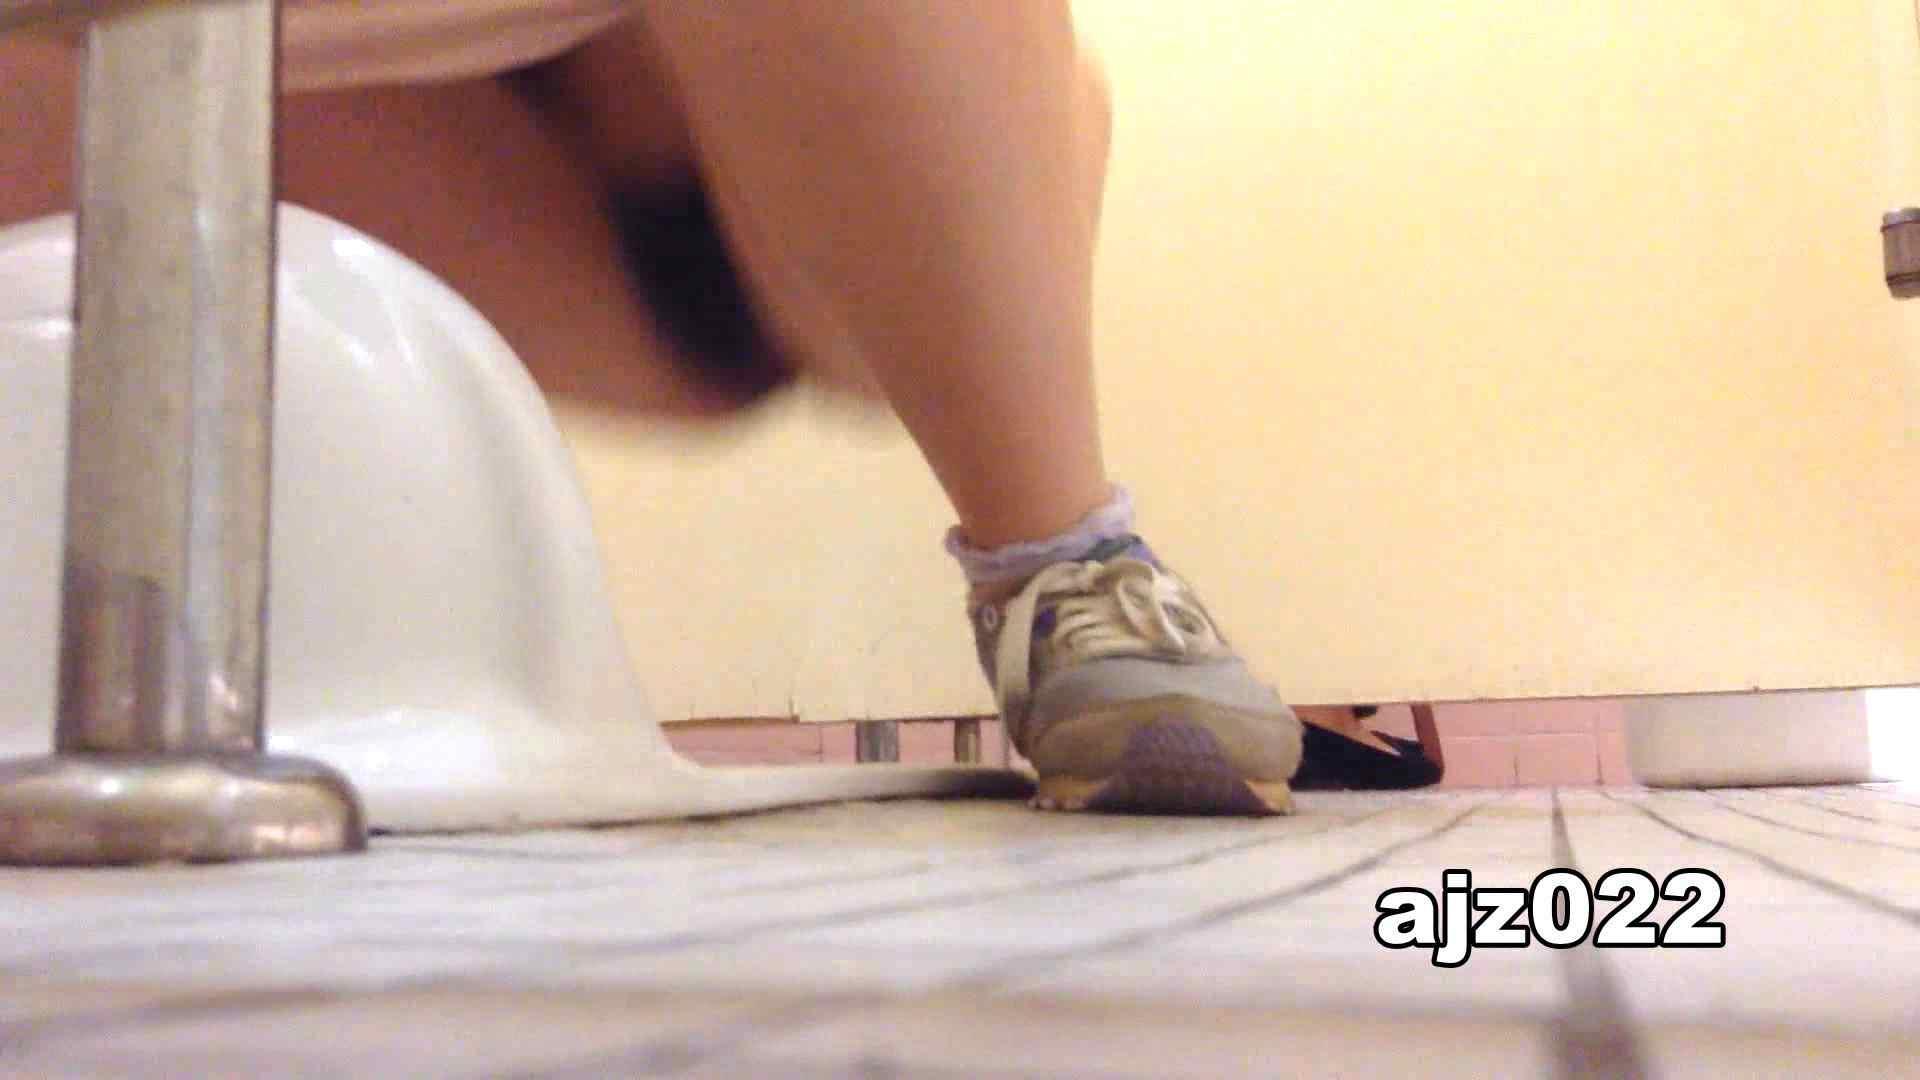 某有名大学女性洗面所 vol.22 和式 オマンコ無修正動画無料 48PIX 40